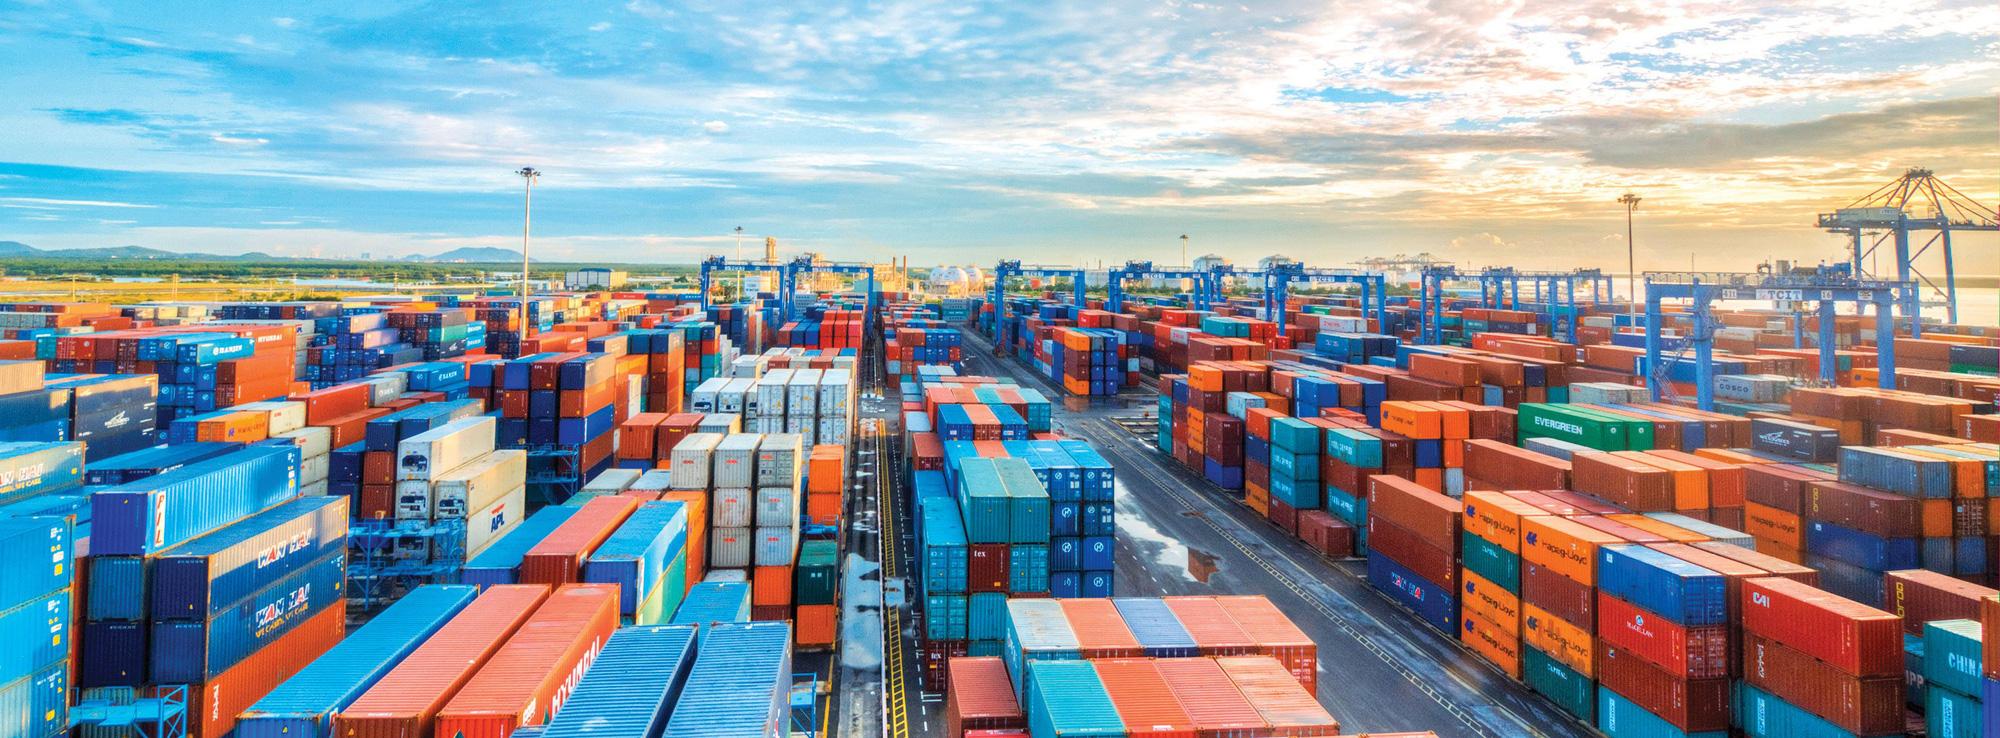 Chi phí logictics gây áp lực cho cảng Cái Mép - Thị Vải, Bà Rịa - Vũng Tàu đẩy nhanh các dự án hạ tầng hỗ trợ - Ảnh 1.